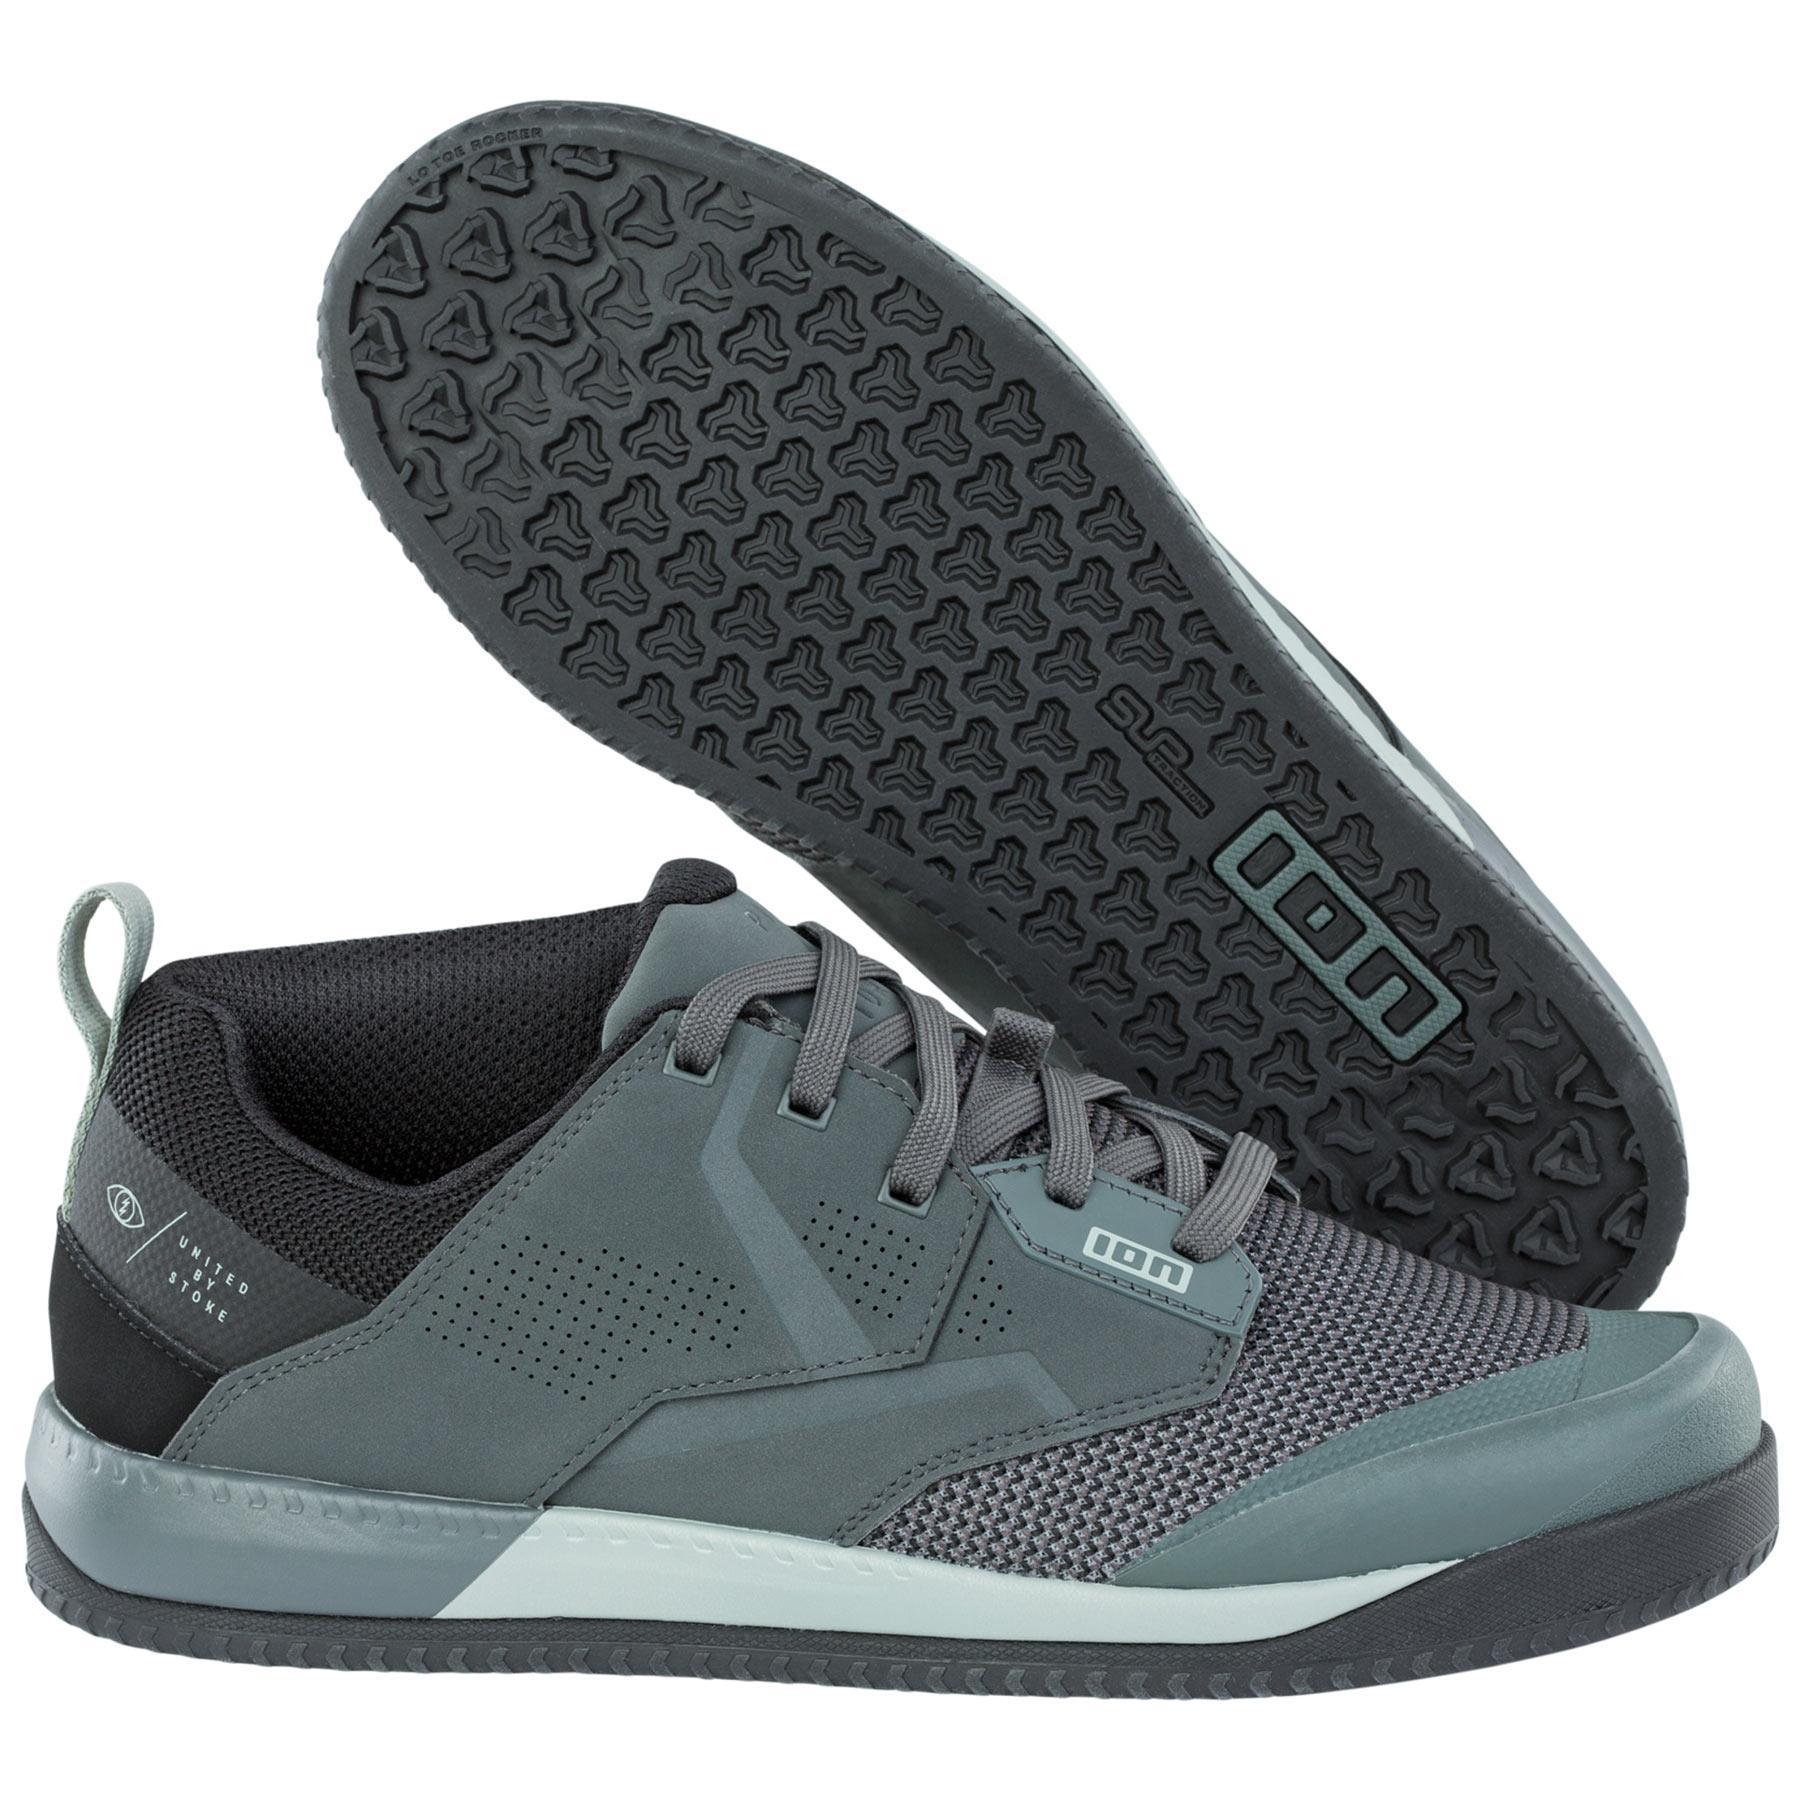 ION Bike Schuhe Scrub Amp für MTB - Thunder Grey